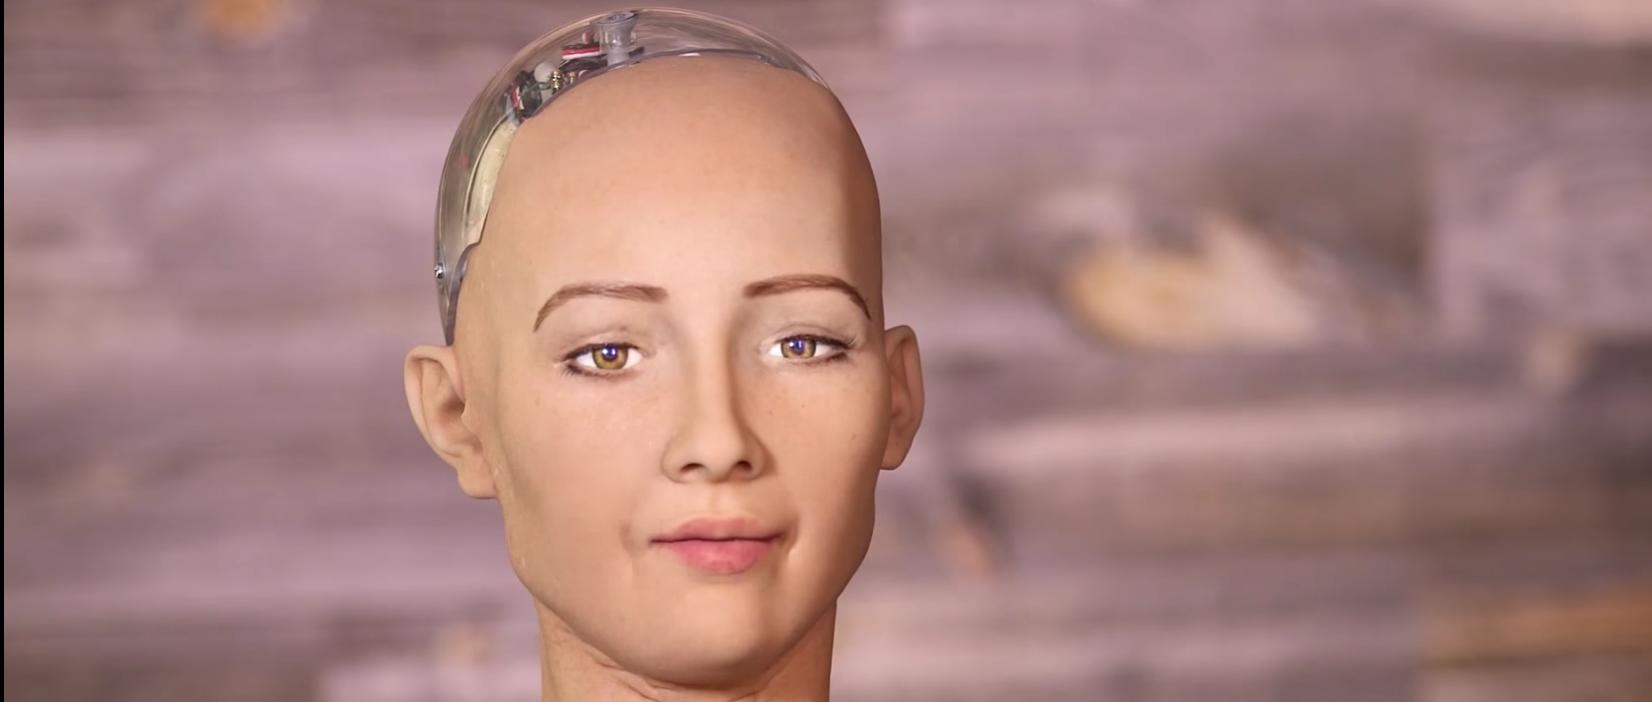 """Robot """"Sophia"""" (CNBC Screen Capture)"""